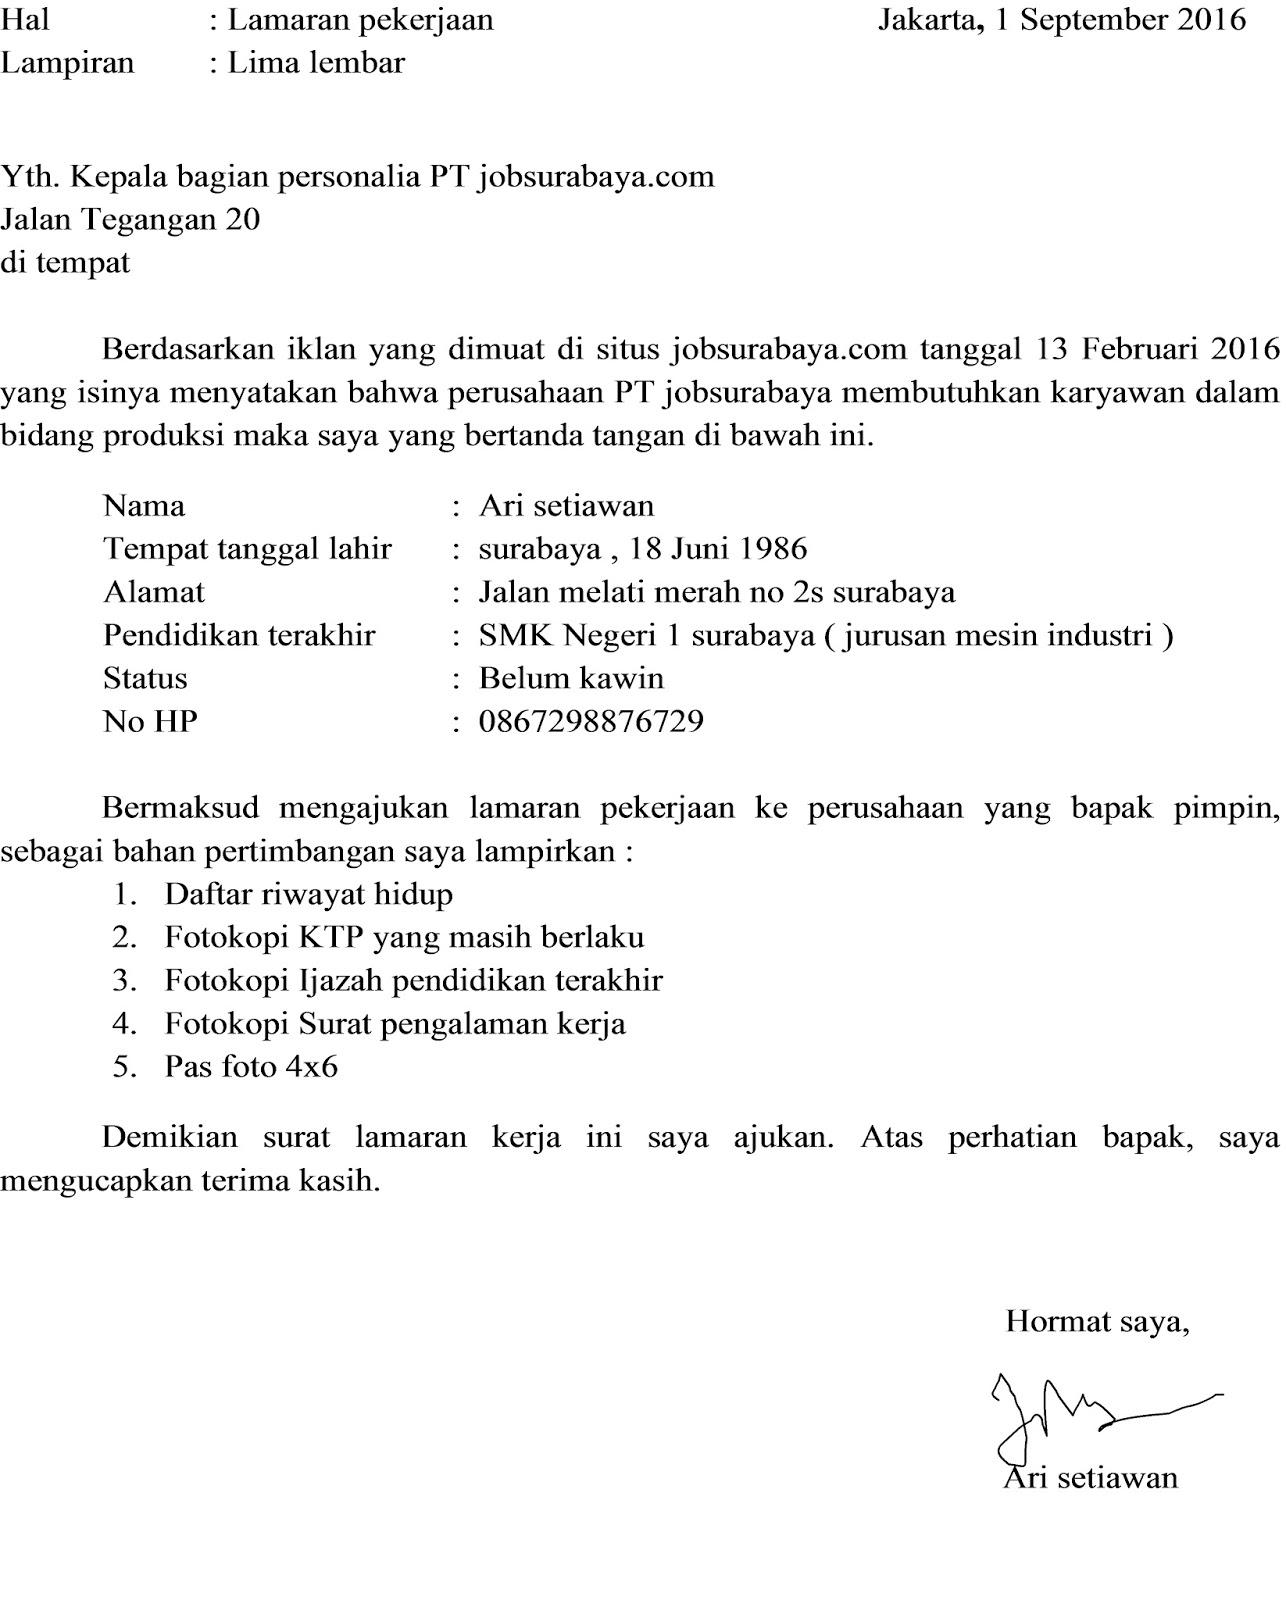 contoh dan cara membuat surat lamaran pekerjaan - Lowongan Kerja ...